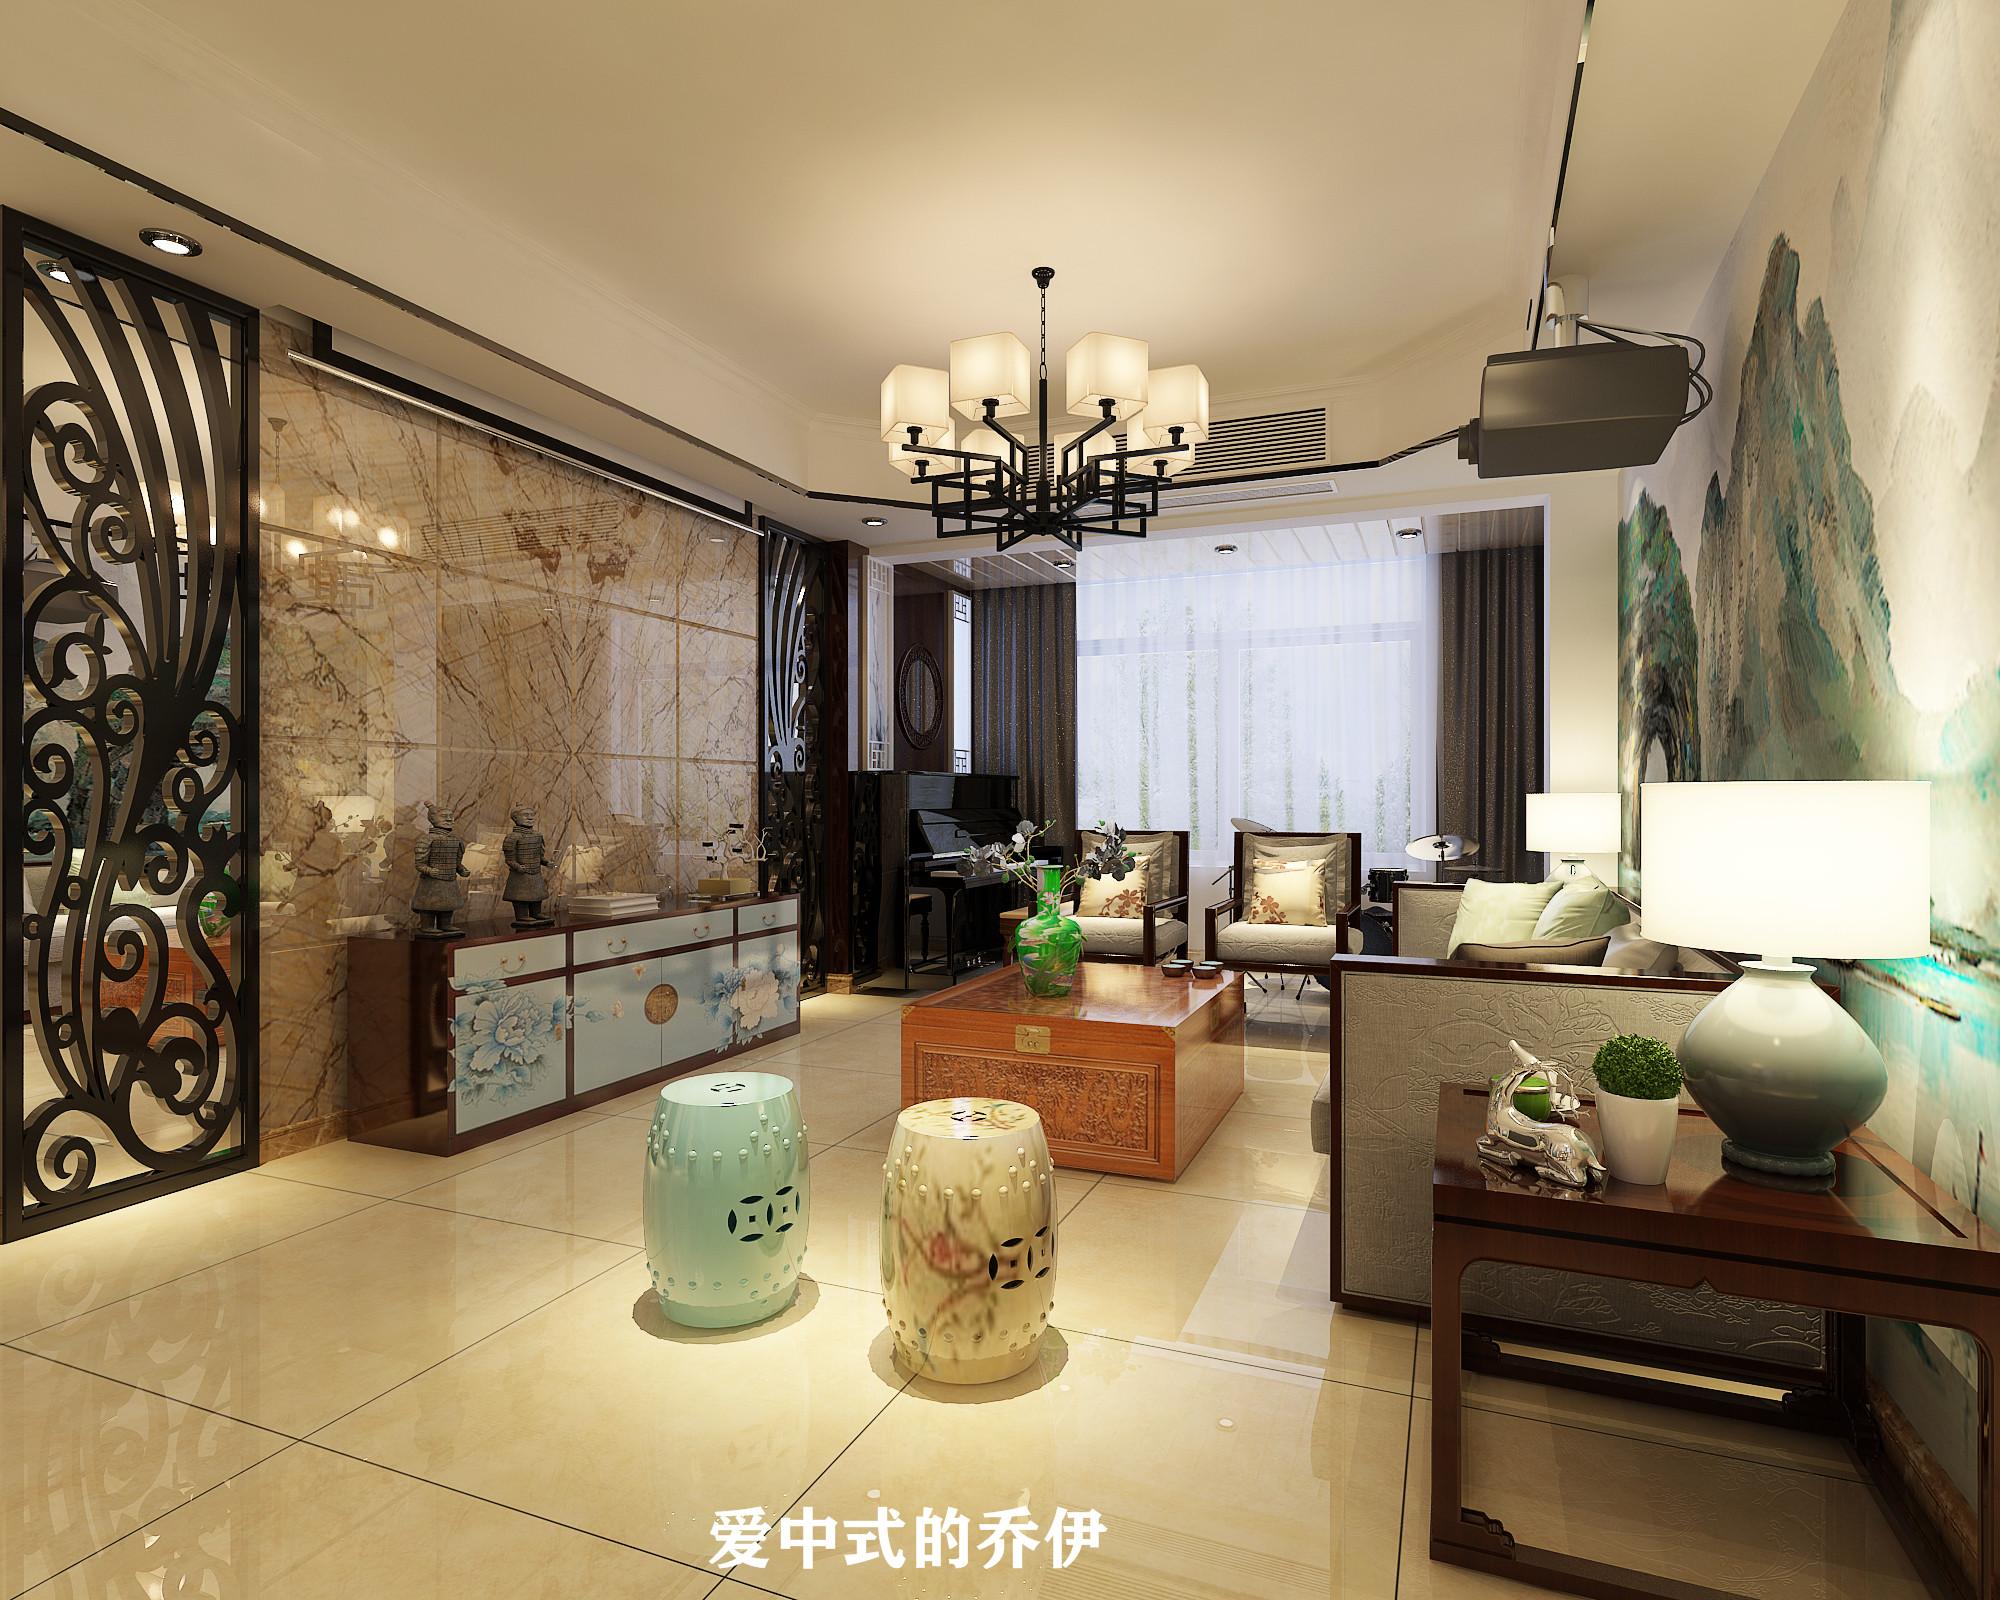 110㎡中式风格客厅装修效果图